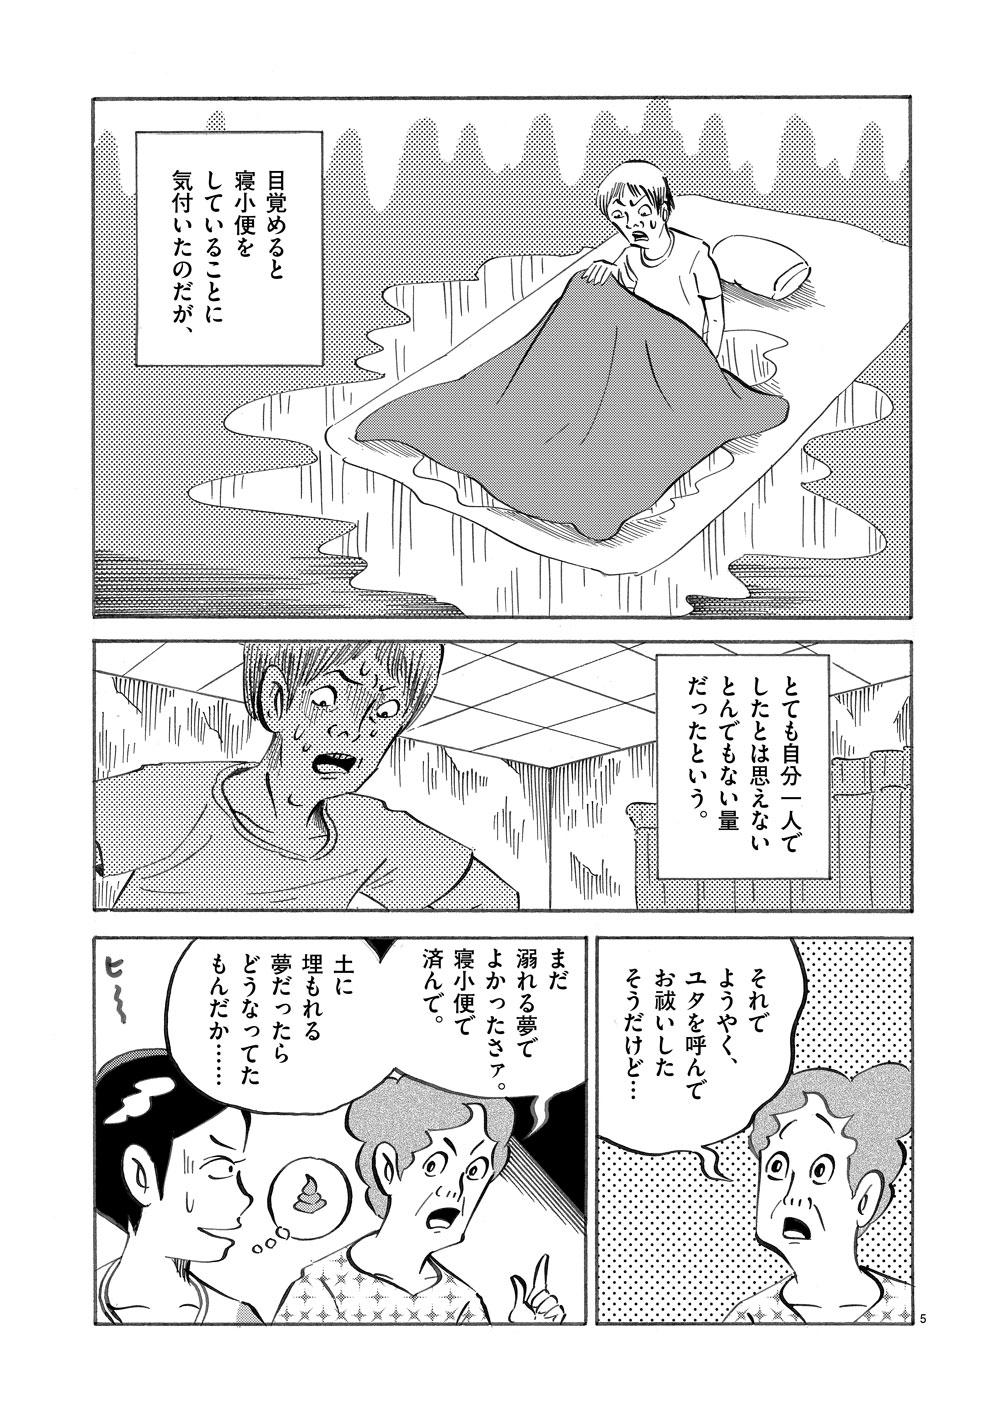 琉球怪談 【第10話】WEB掲載5ページ目画像